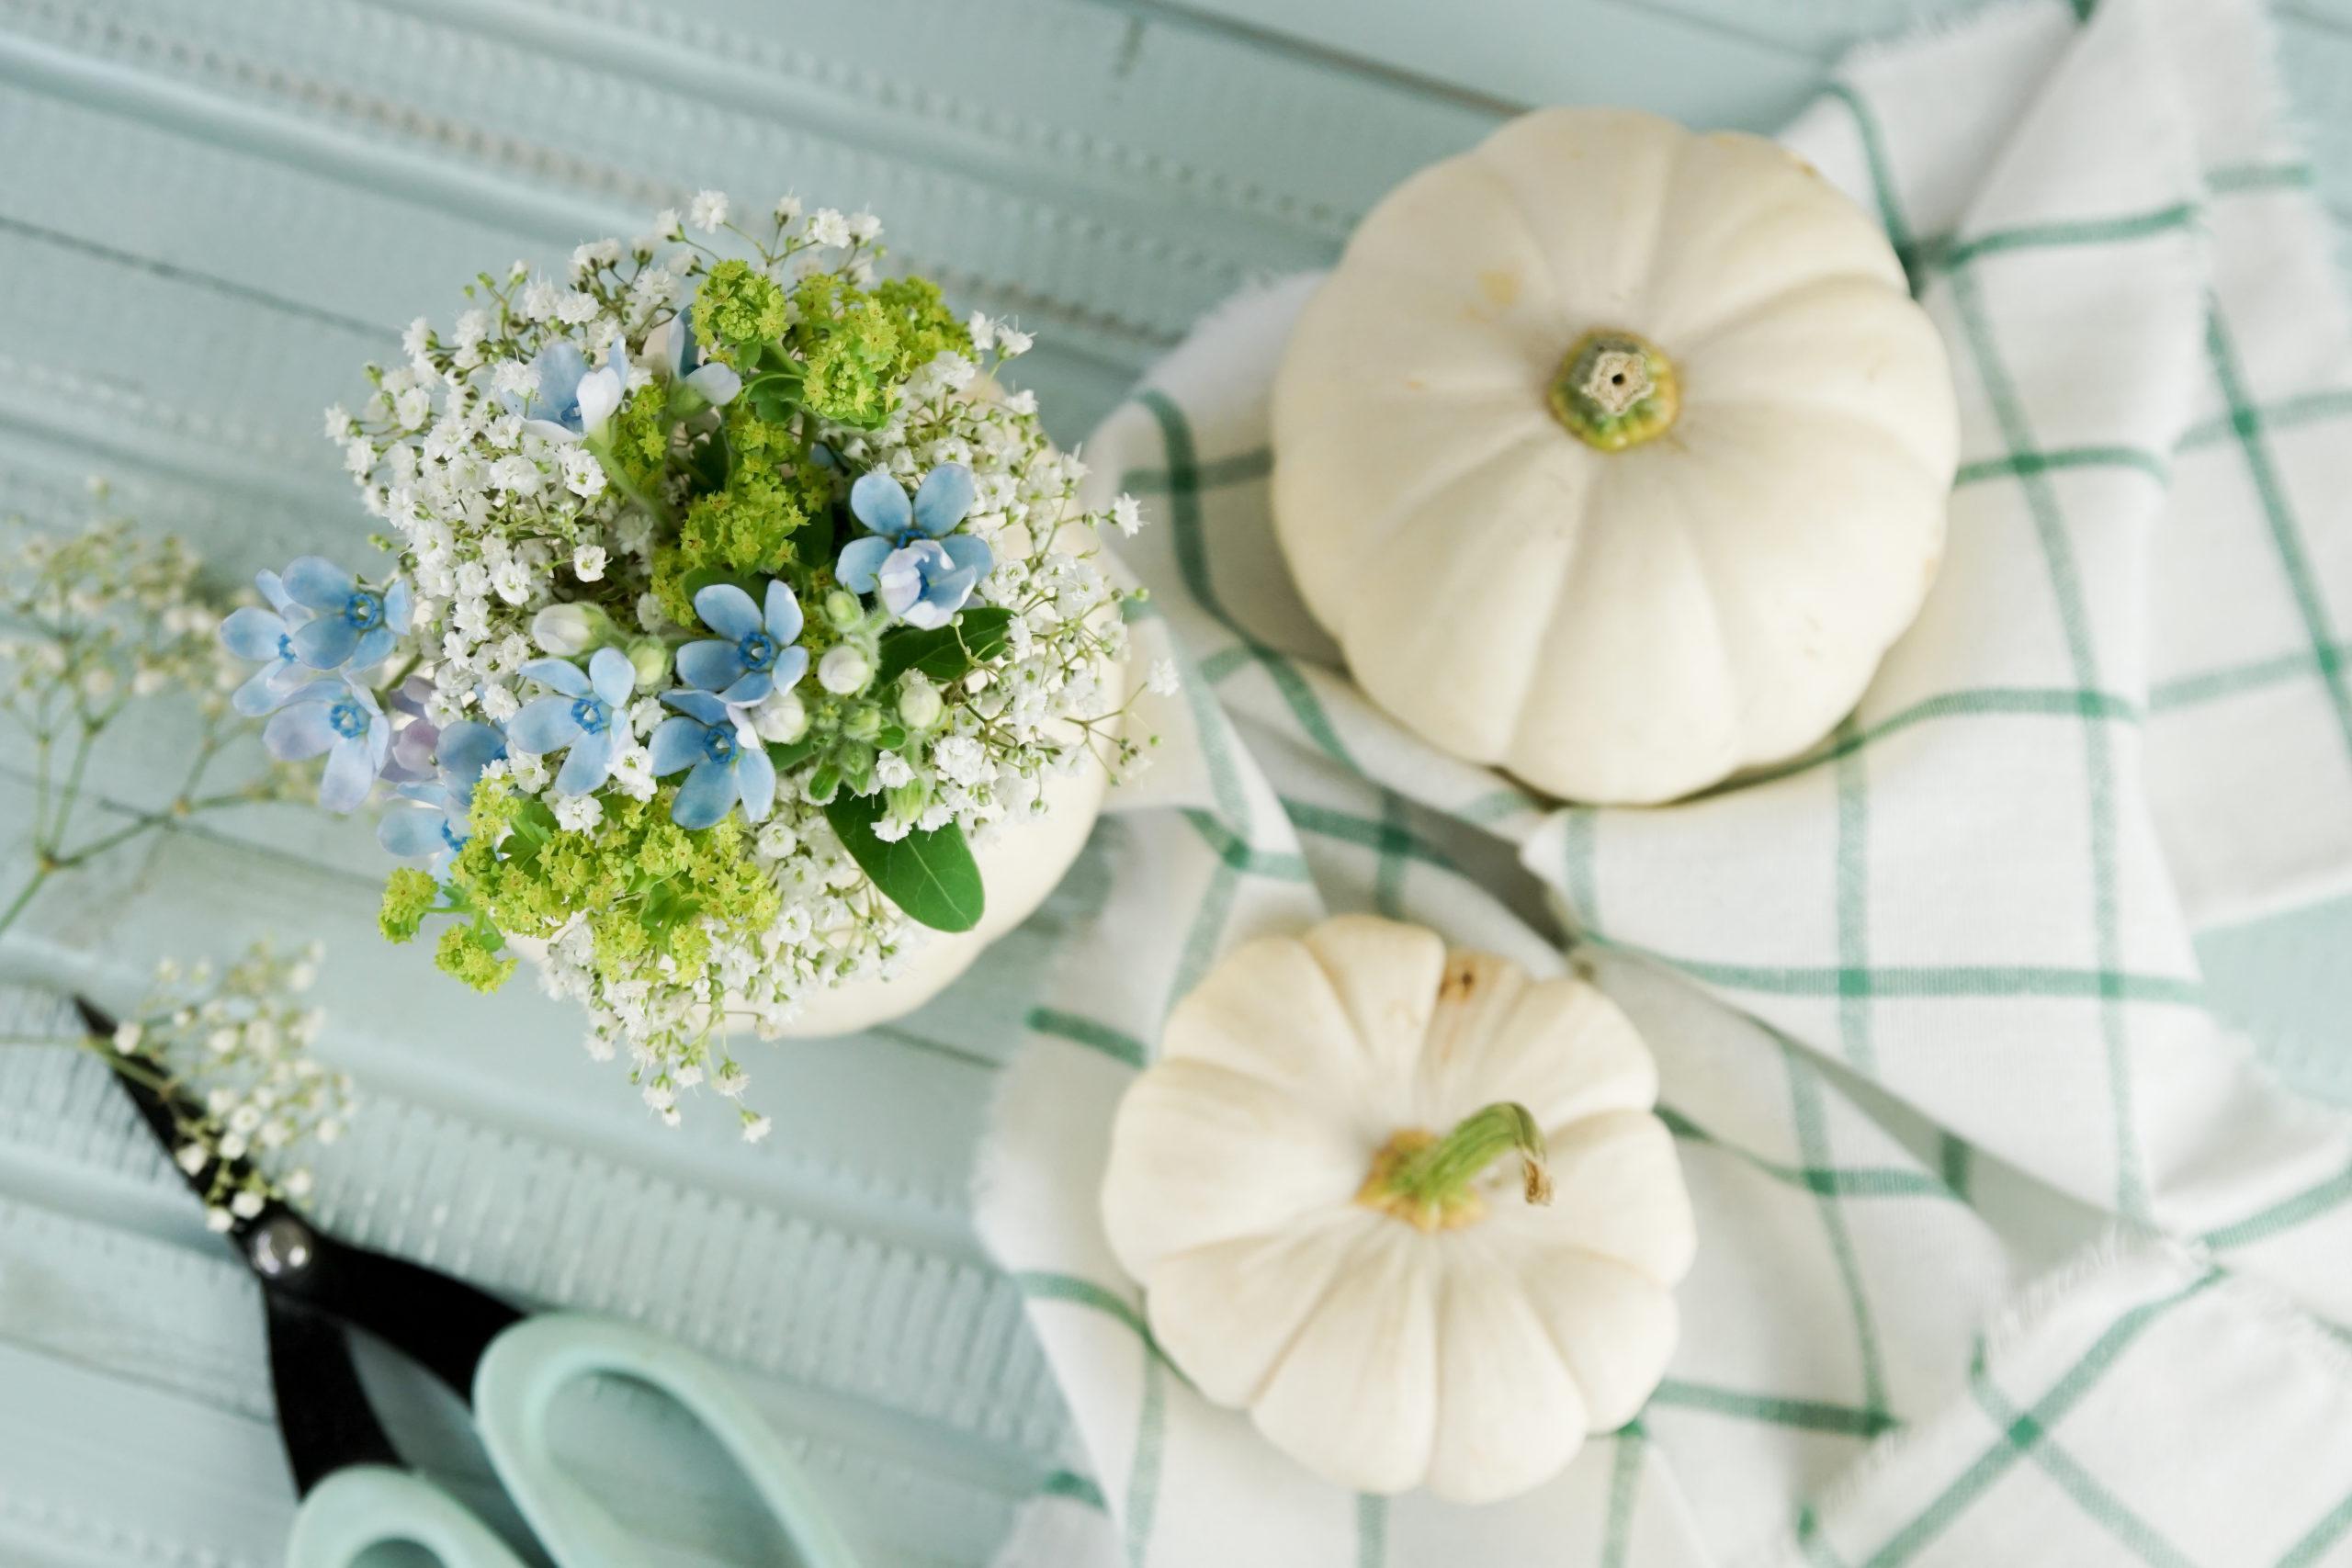 Kürbis aushöhlen: 3 Ideen für die Herbstdeko